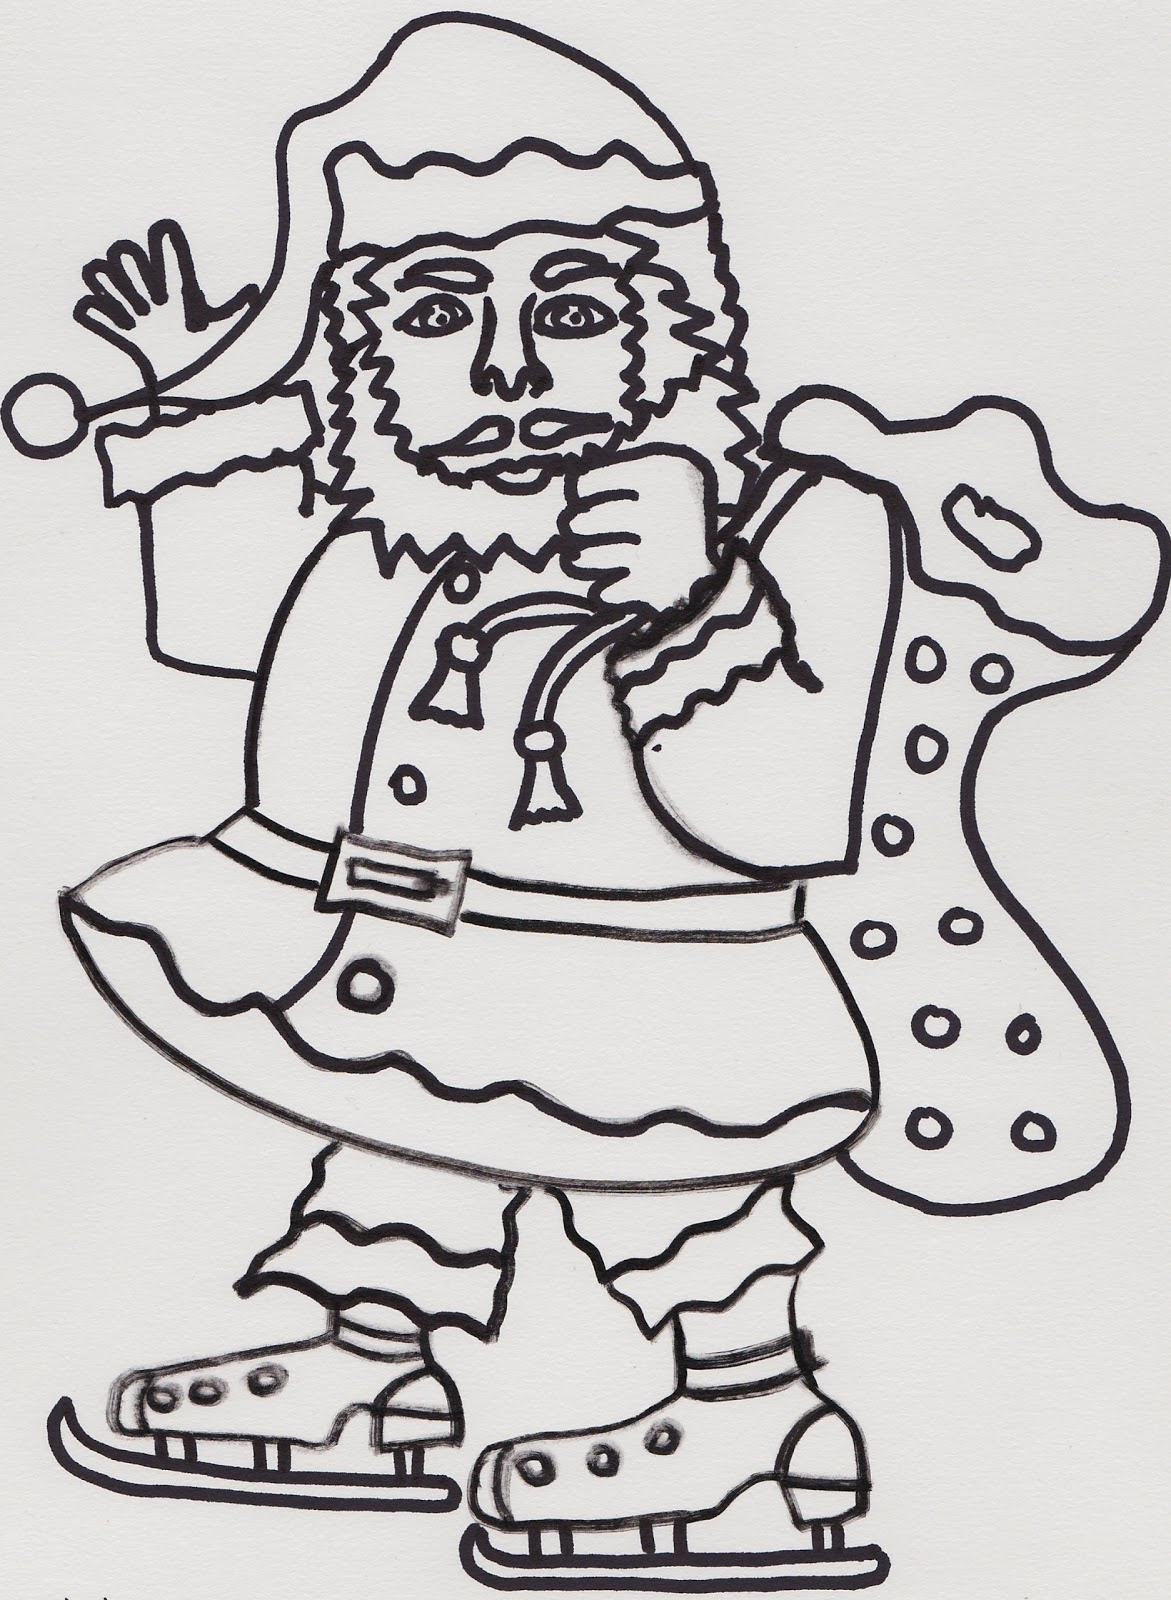 Ausmalbilder Nikolaus Mit Rentier : Unglaubliche Ausmalbilder Zum Ausdrucken Weihnachtsmann